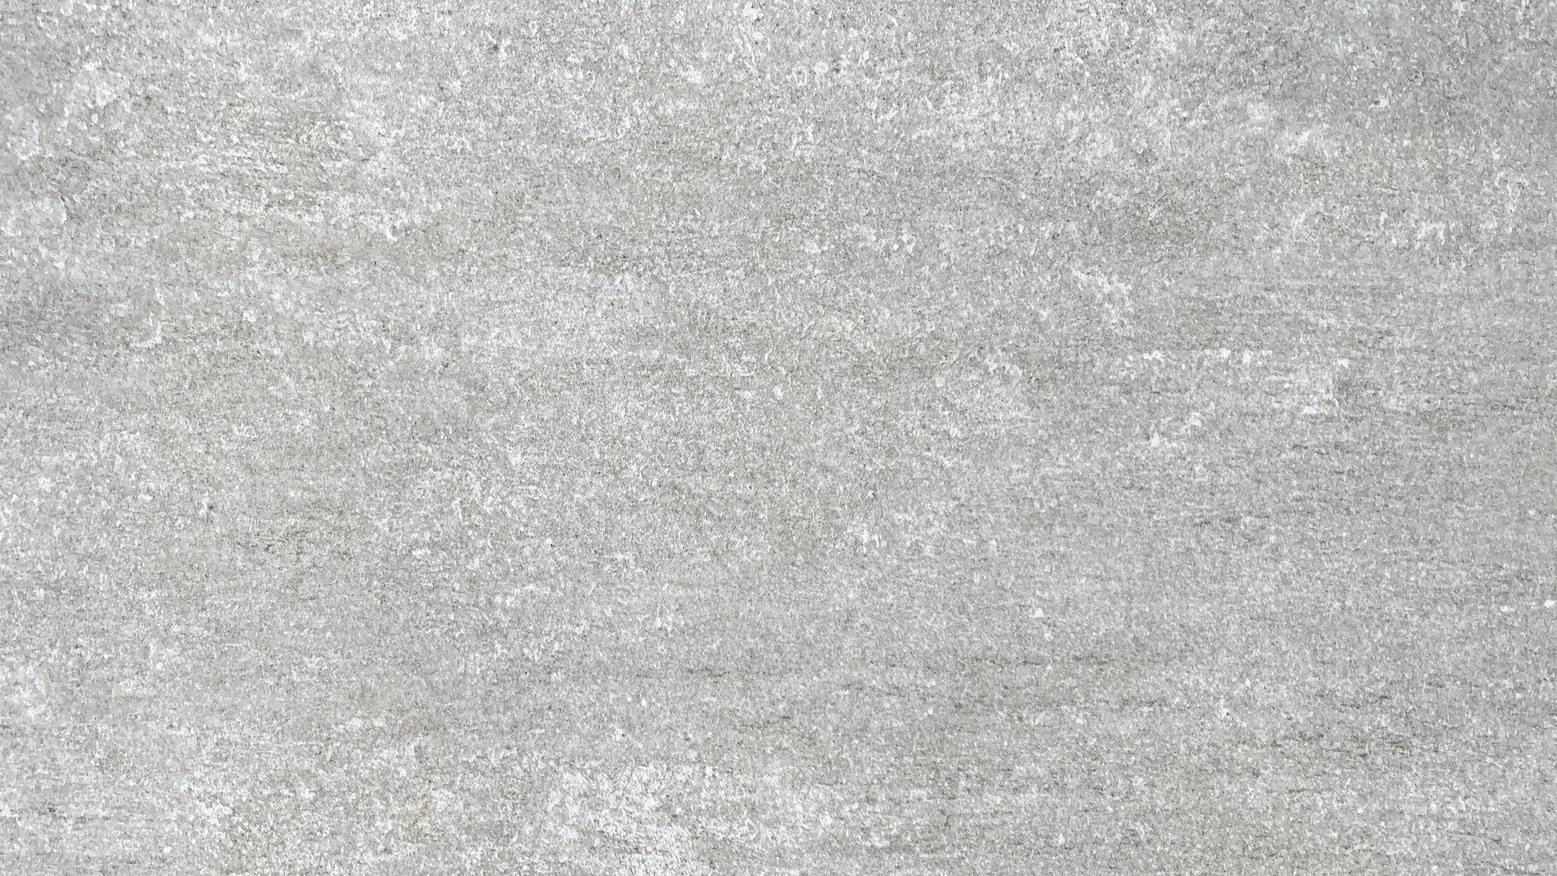 Nebbia Luce 800 x 400 x 20mm